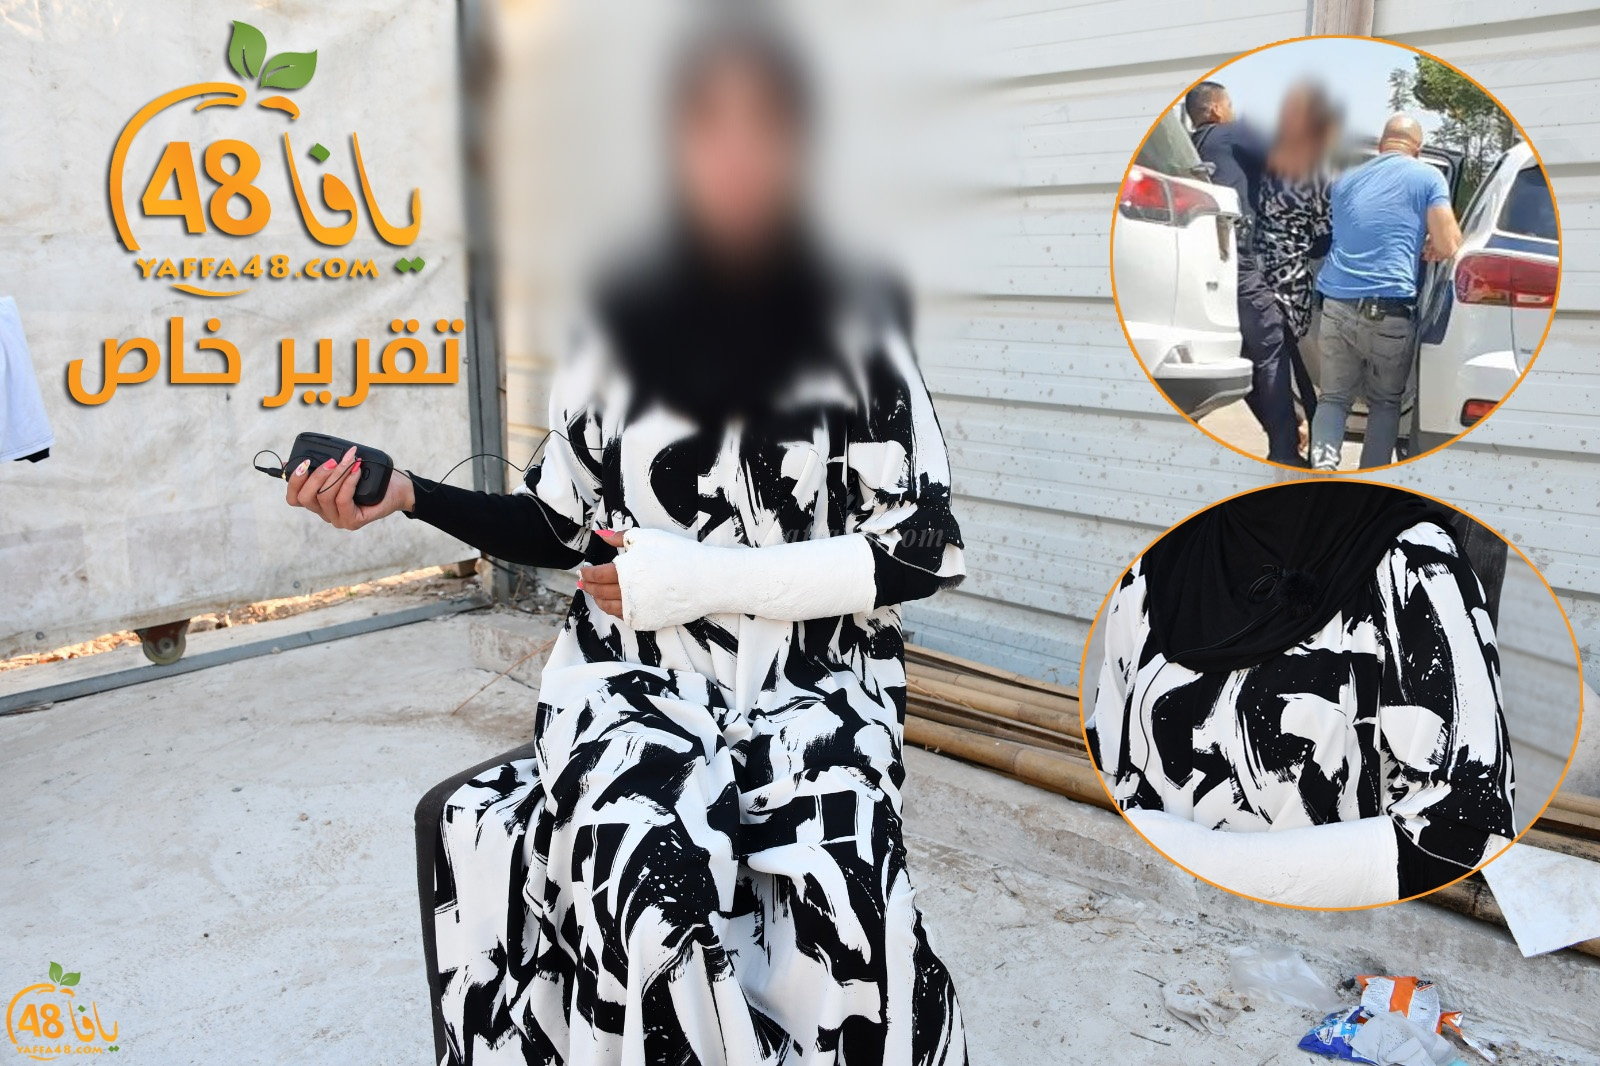 فيديو: هذا ما حدث مع السيدة أم محمد السعدي ضحية اعتداء الشرطة في اللد